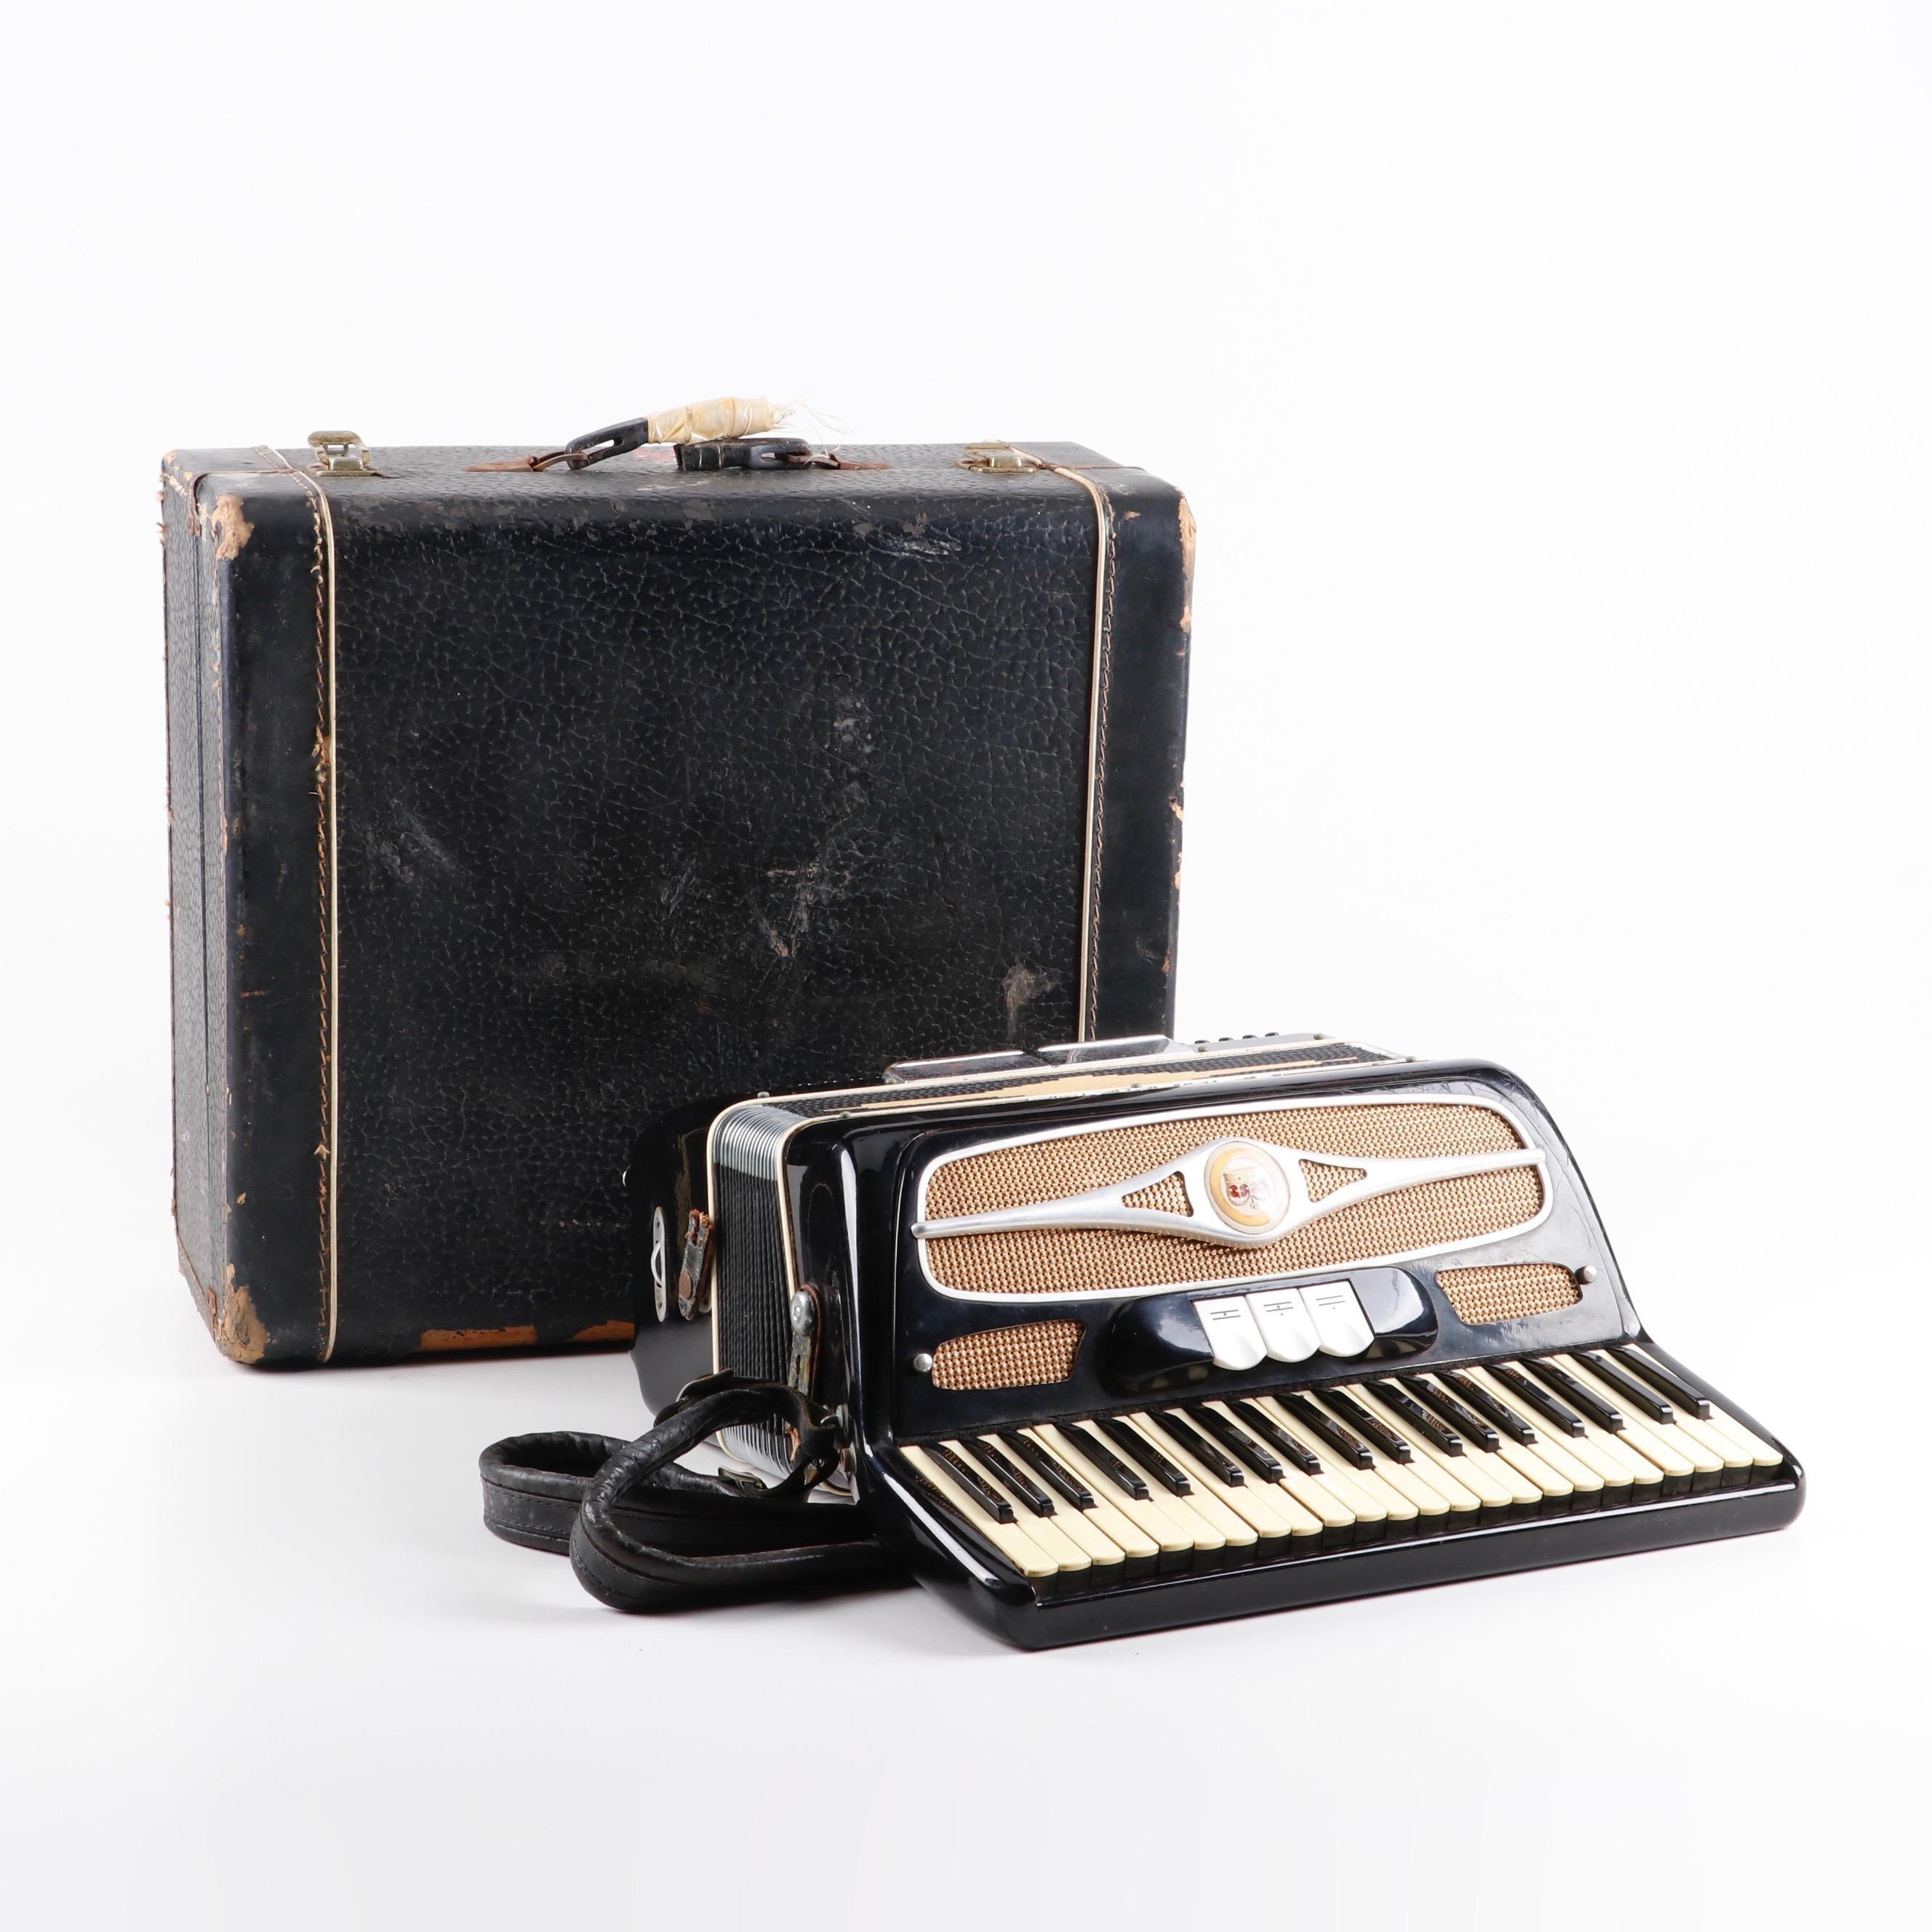 Vintage Davinci Piano Accordian